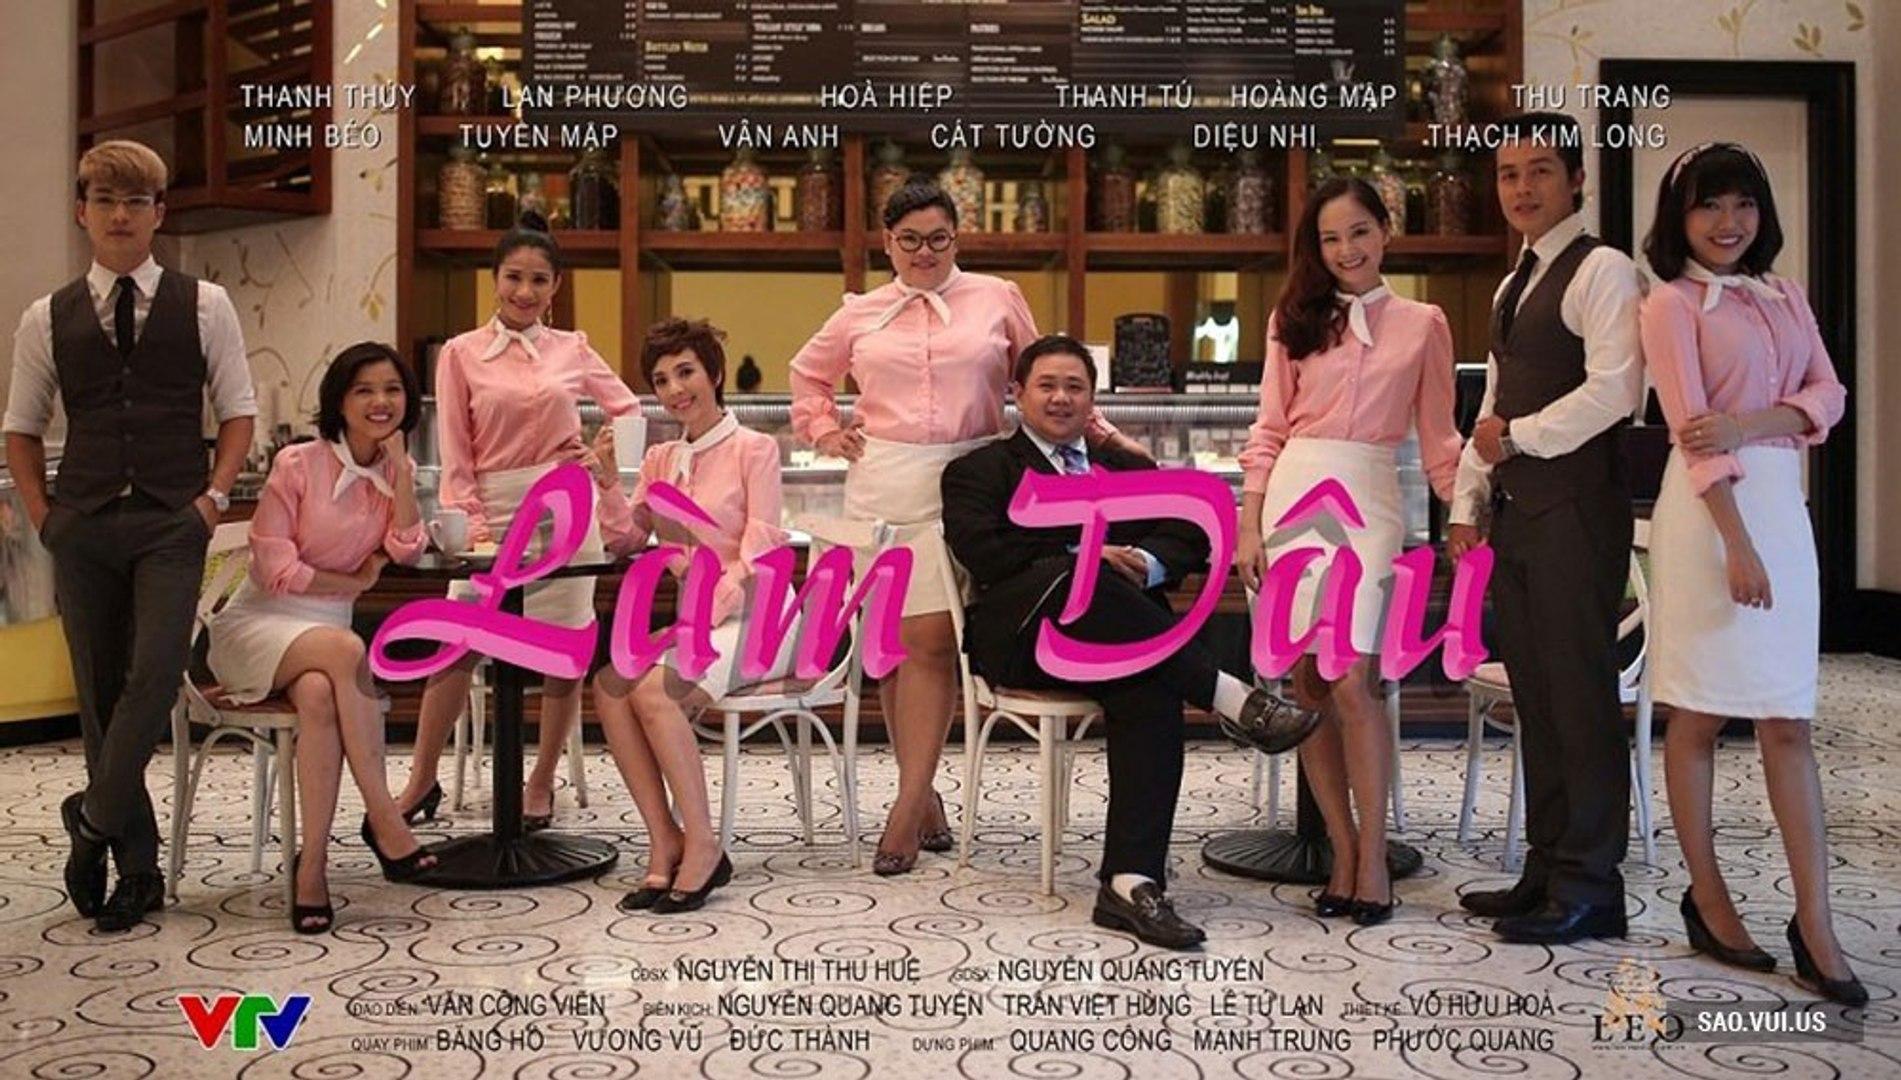 Phim Làm dâu Tập 23 - Phim truyện Việt Nam